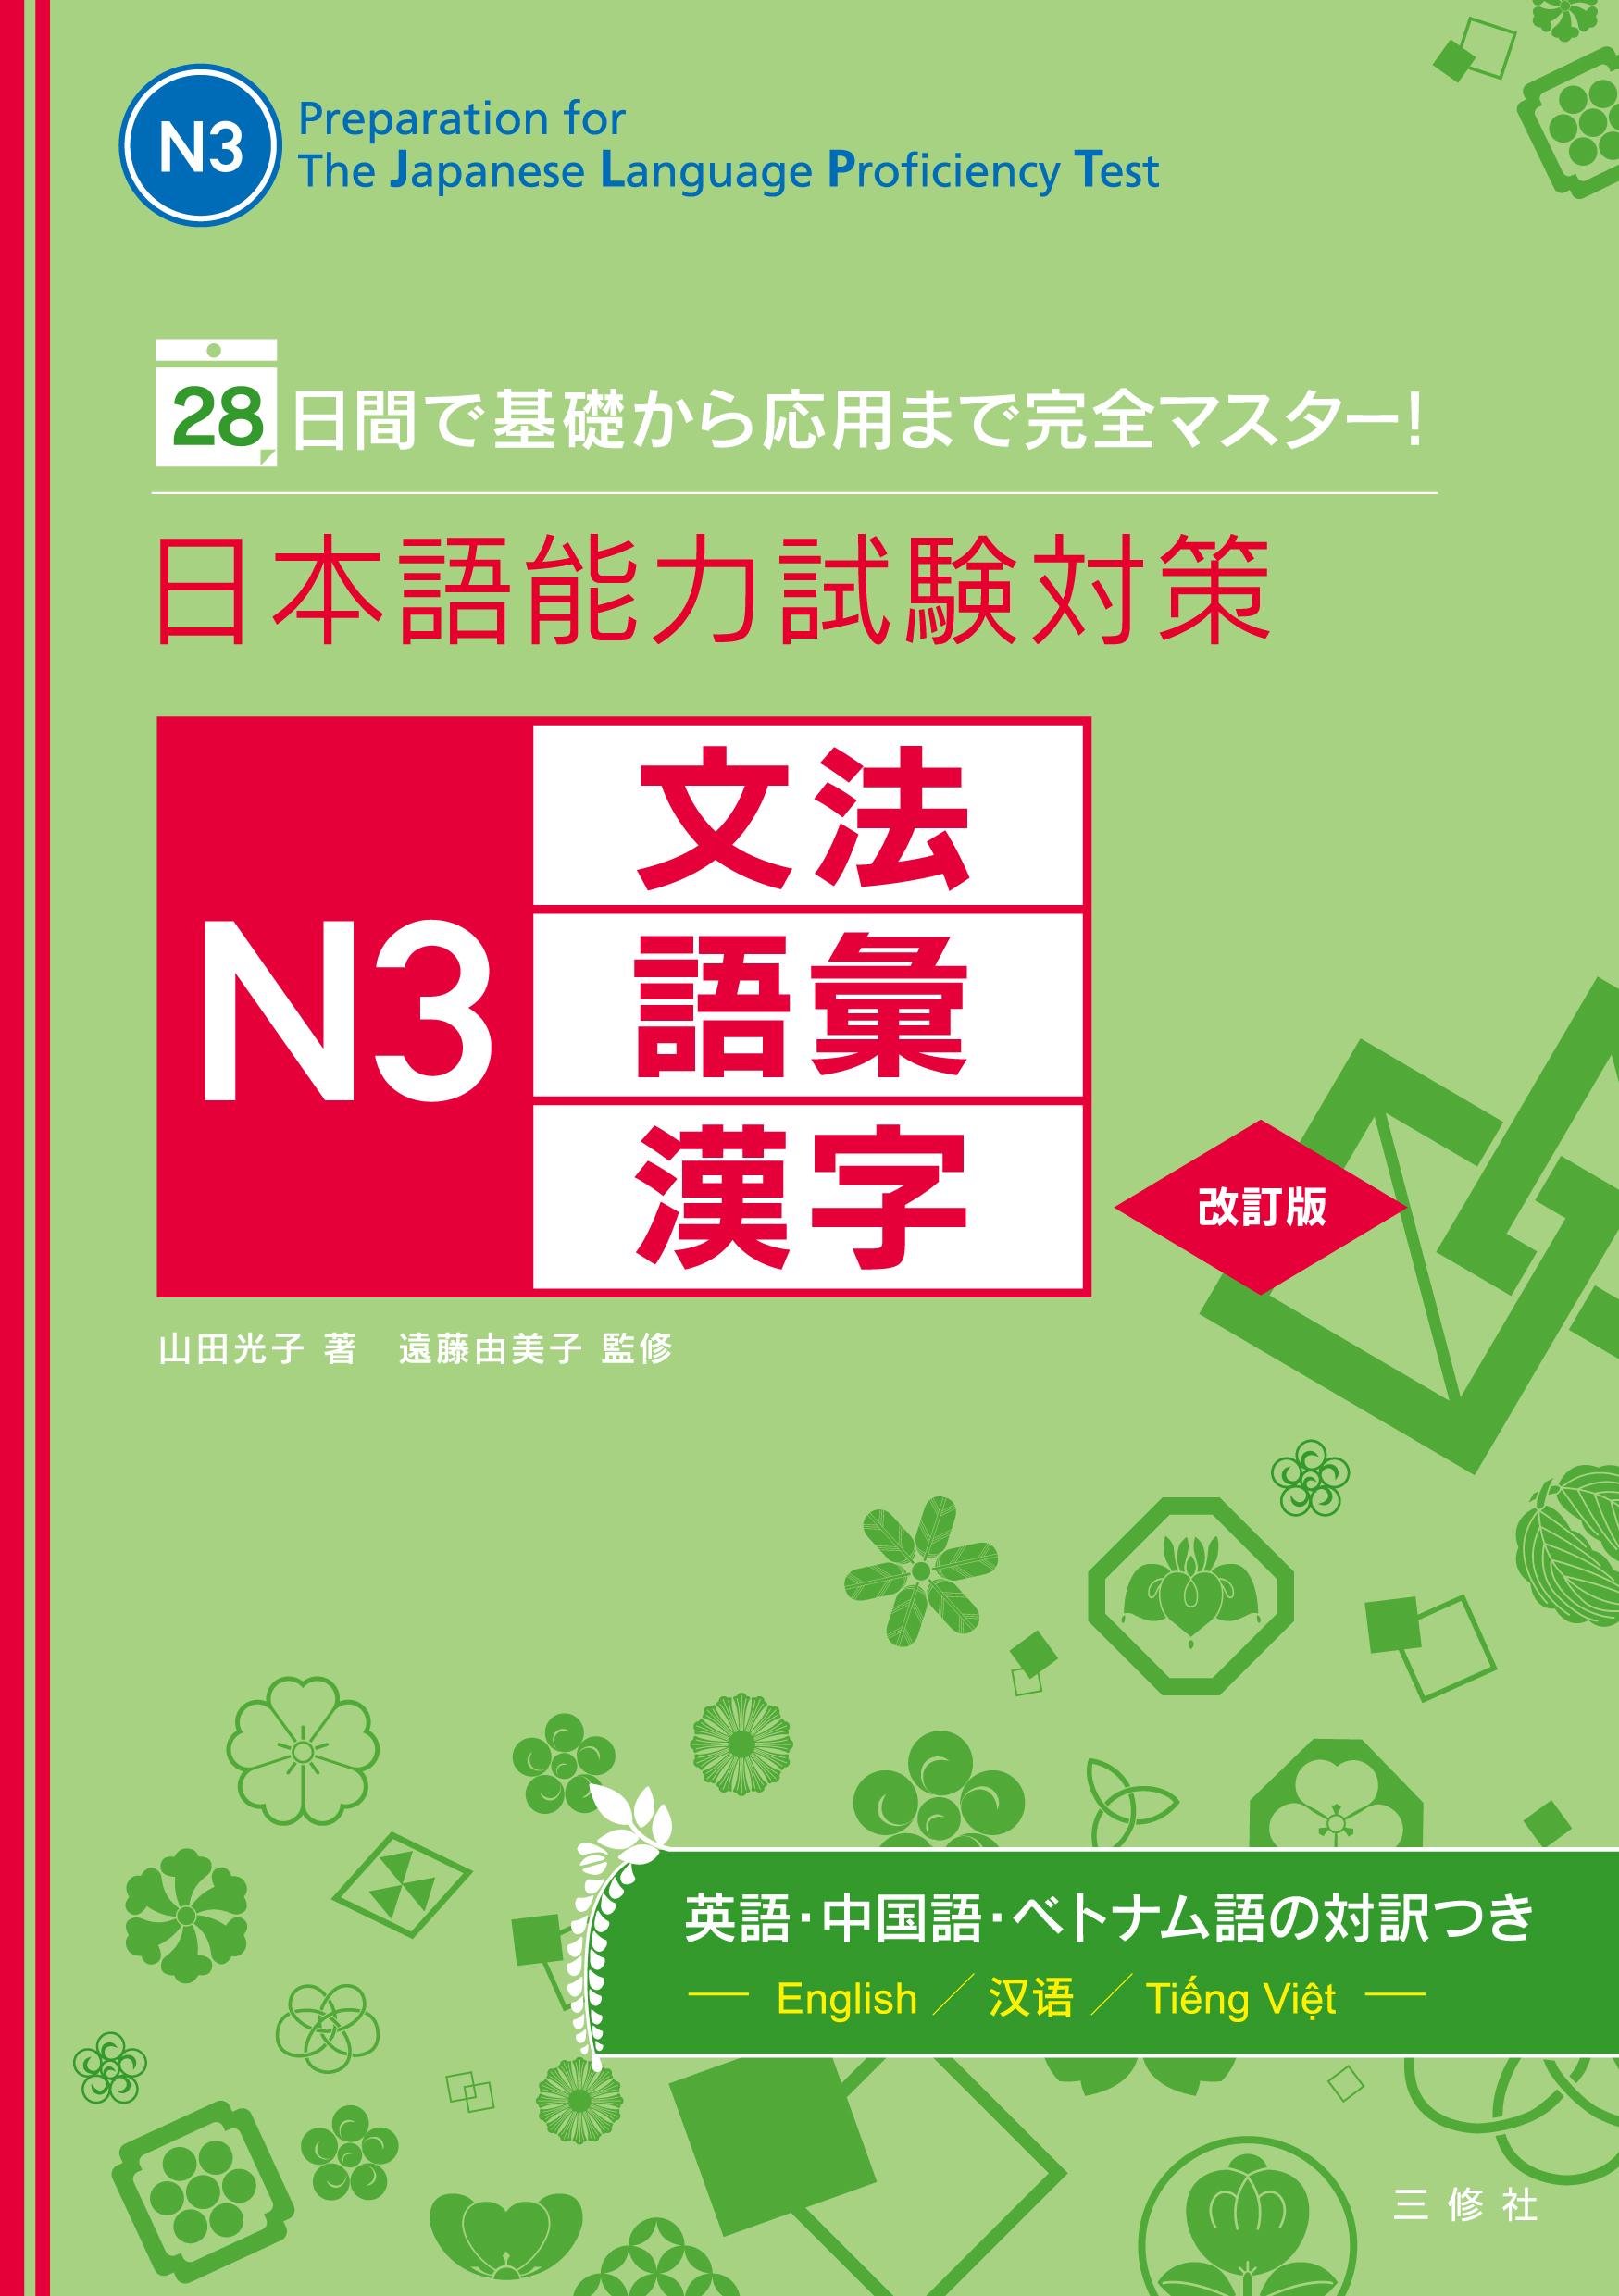 28日間で基礎から応用まで完全マスター!日本語能力試験対策 N3文法・語彙・漢字 改訂版画像